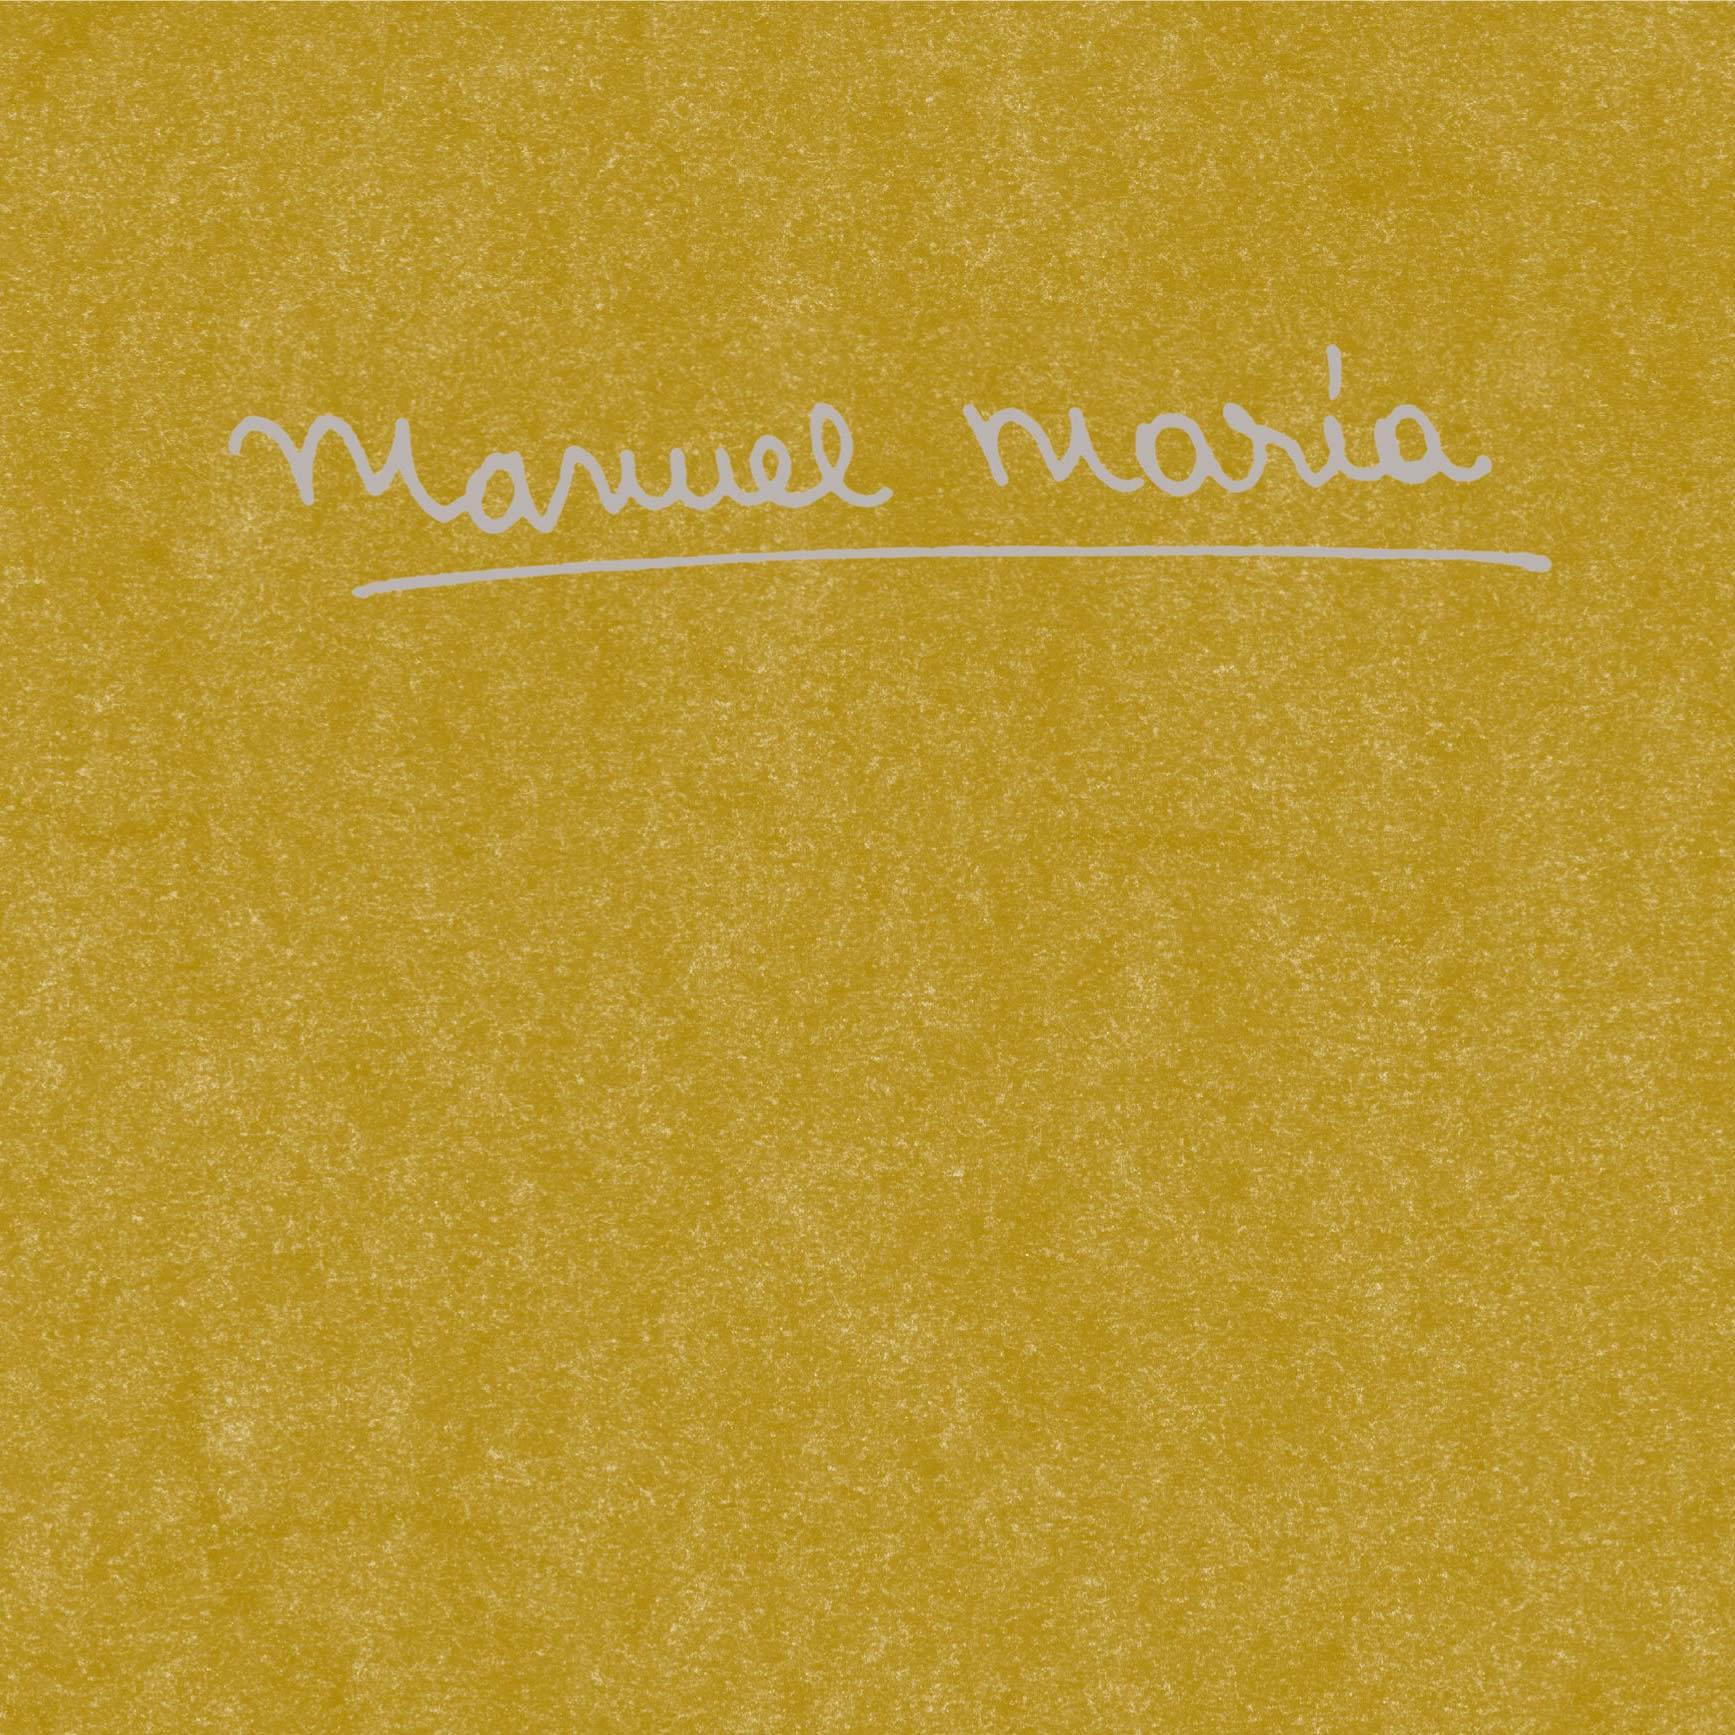 Obra «Advento» de Manuel María